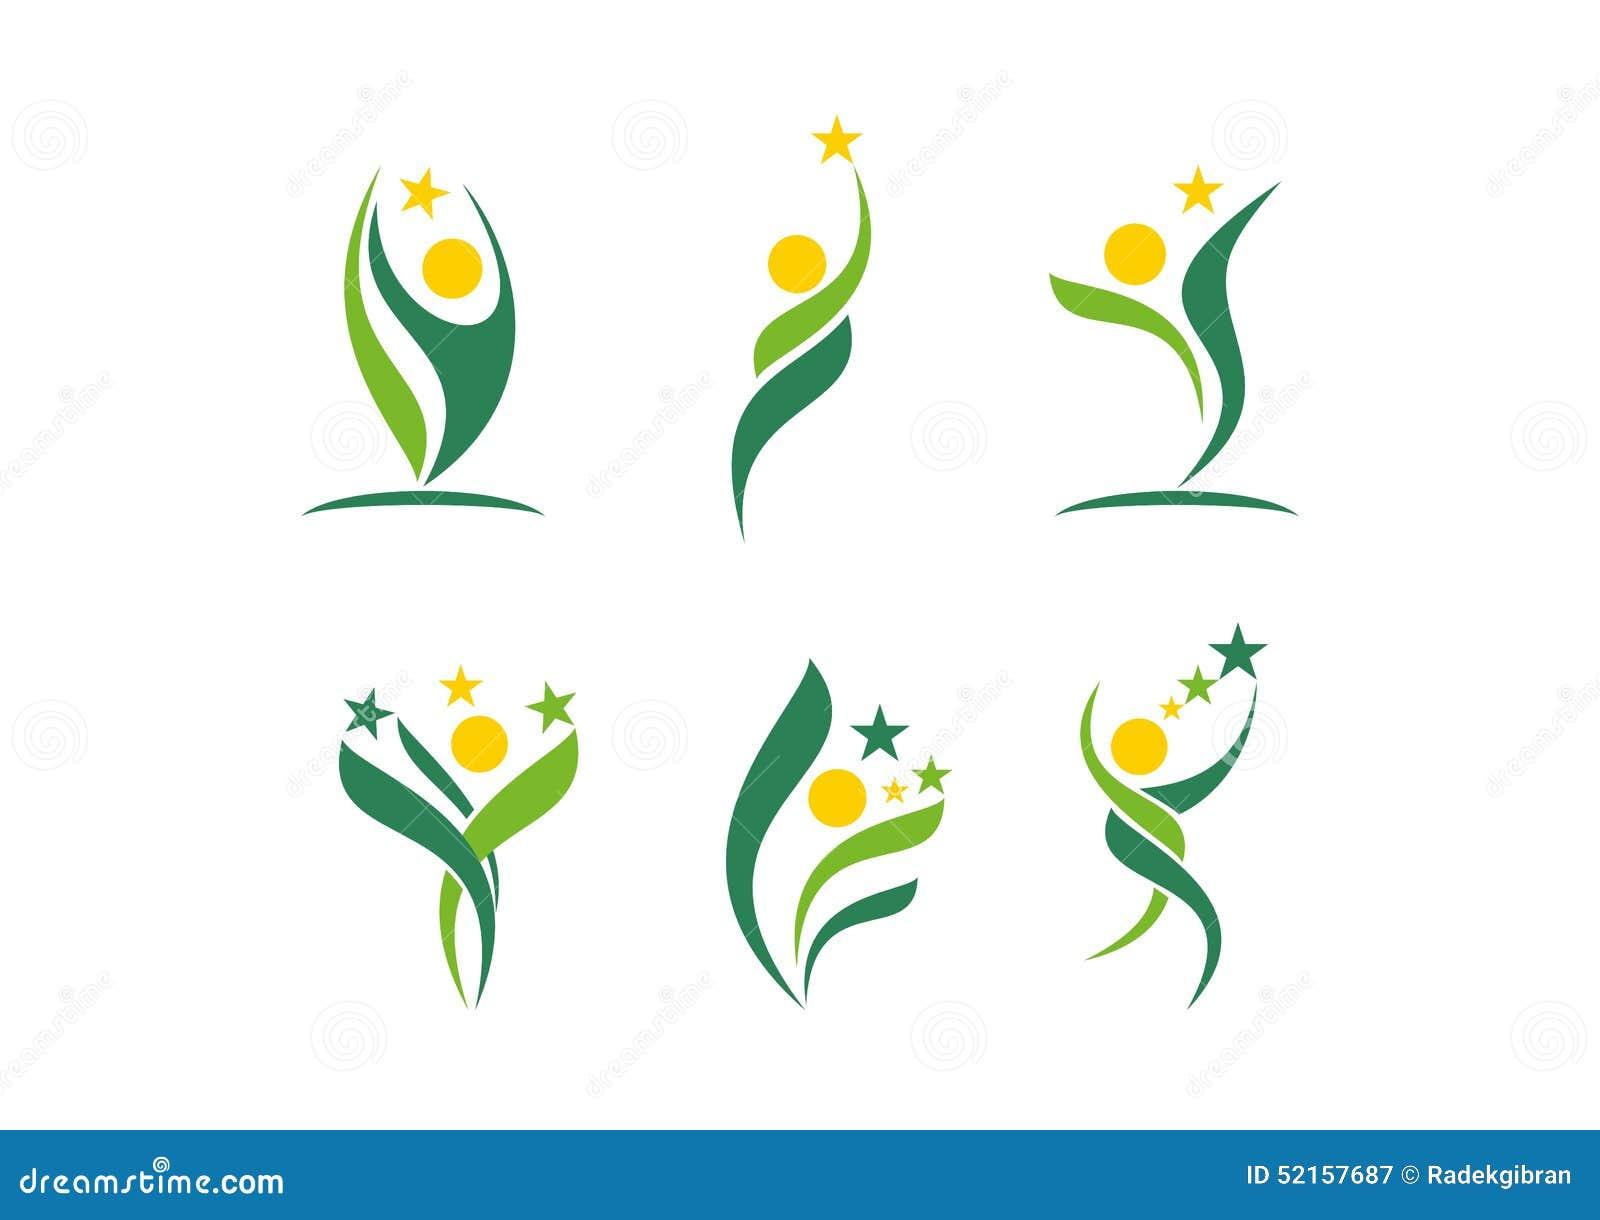 Planta, gente, salud, celebración, natural, estrella, logotipo, salud, sol, hoja, botánica, ecología, vector del diseño determina